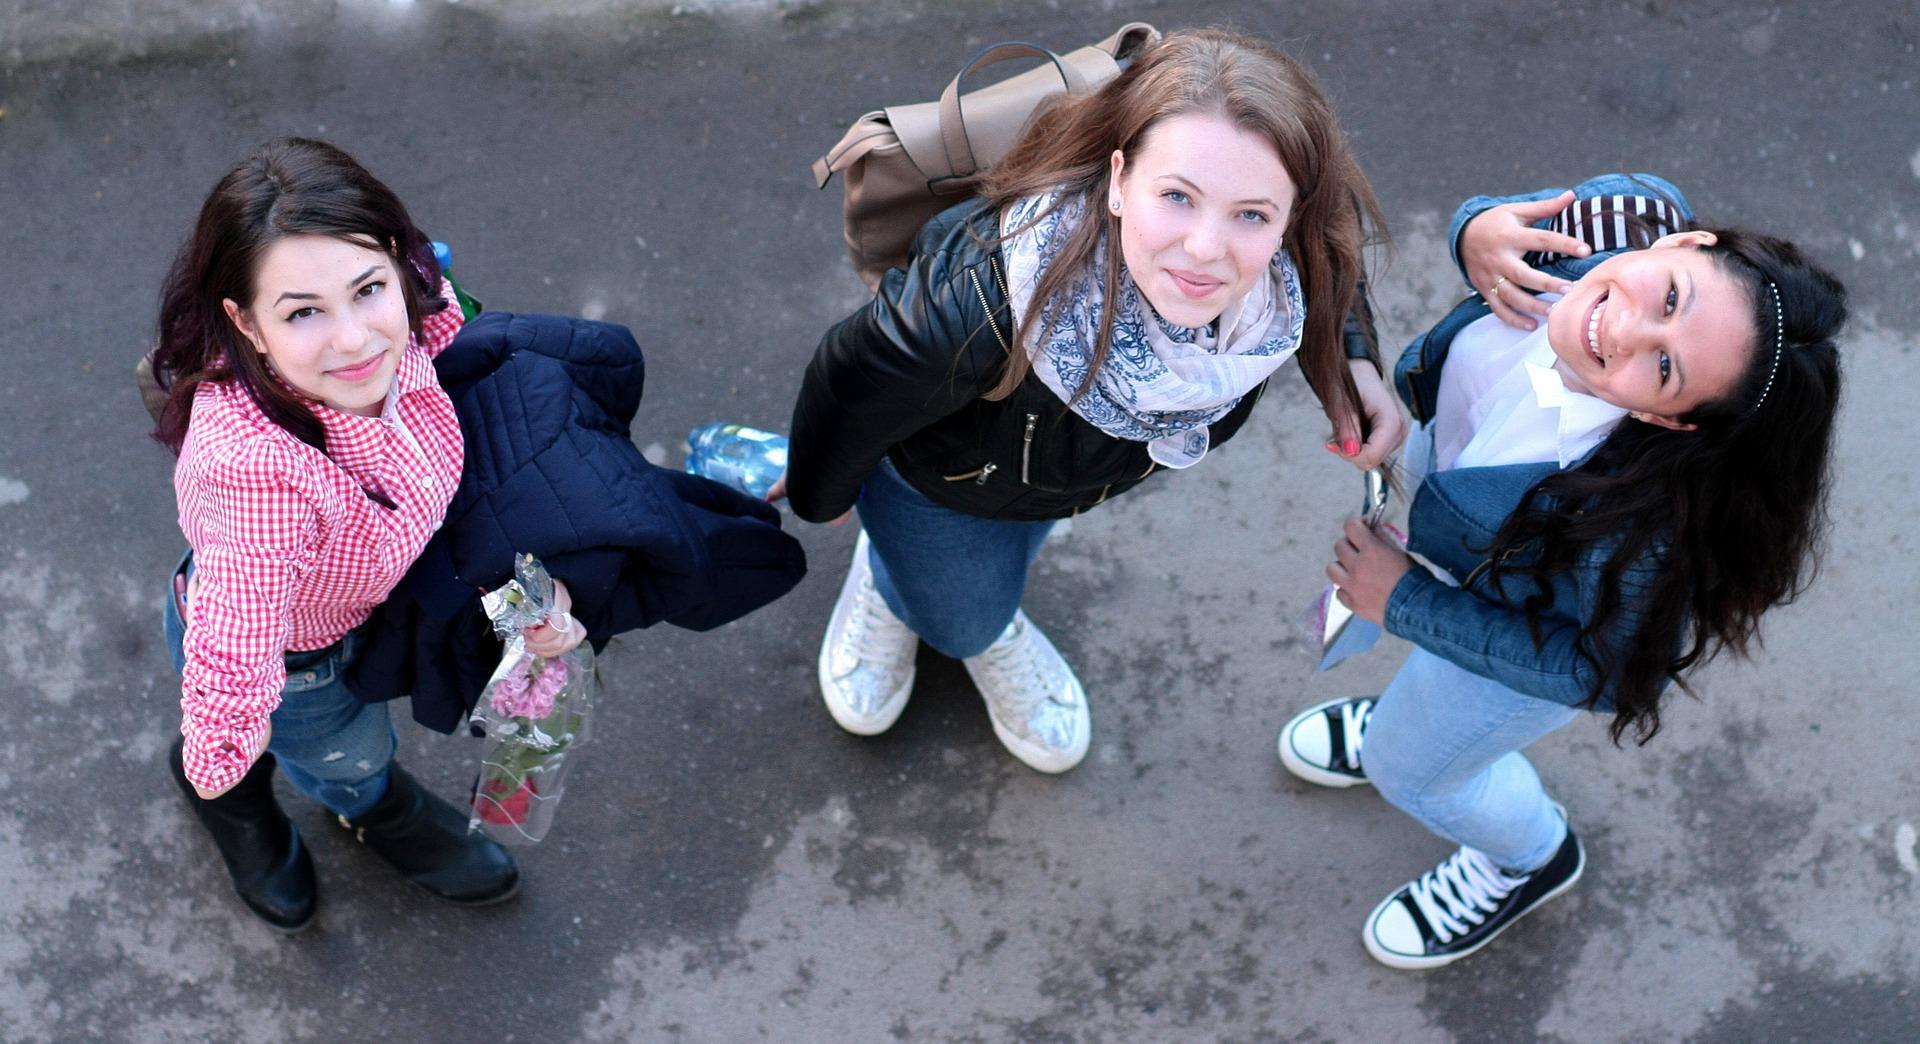 Teen girls - Teens